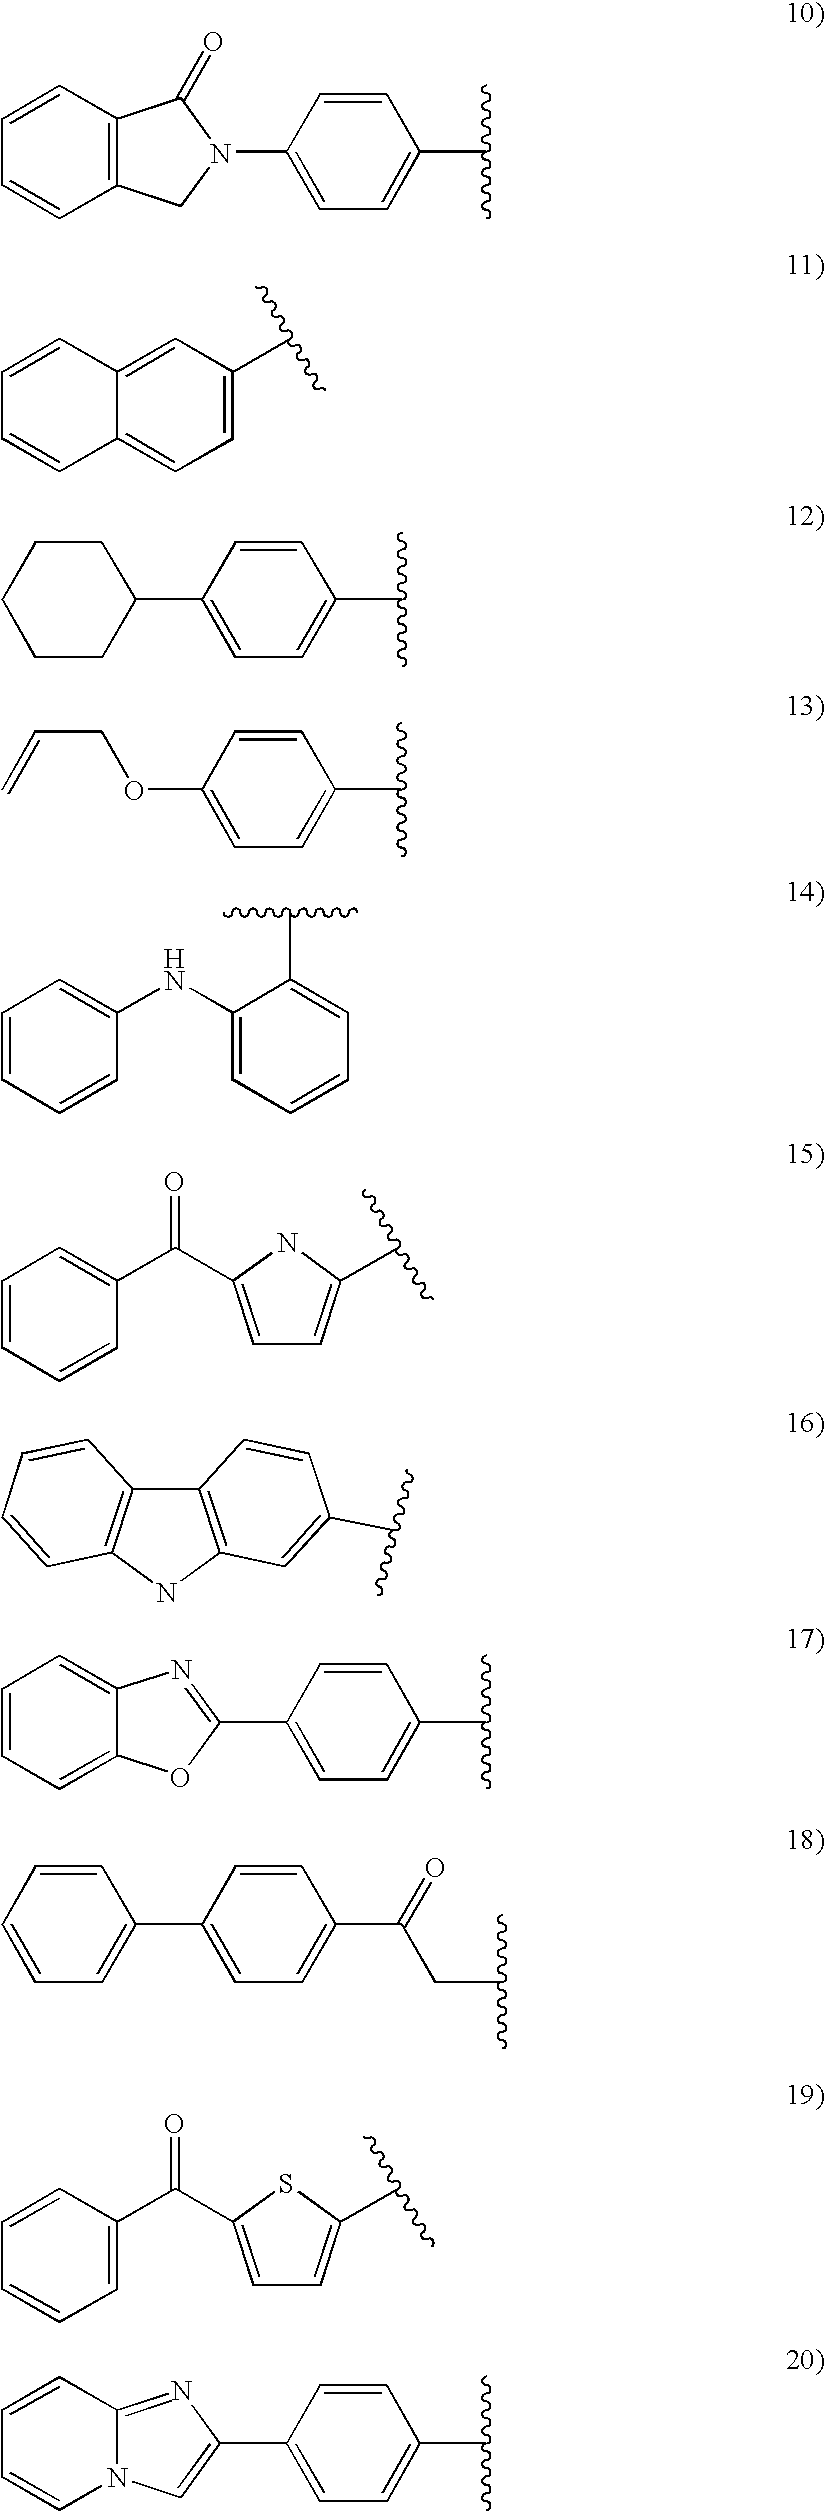 Figure US20050054714A1-20050310-C00023